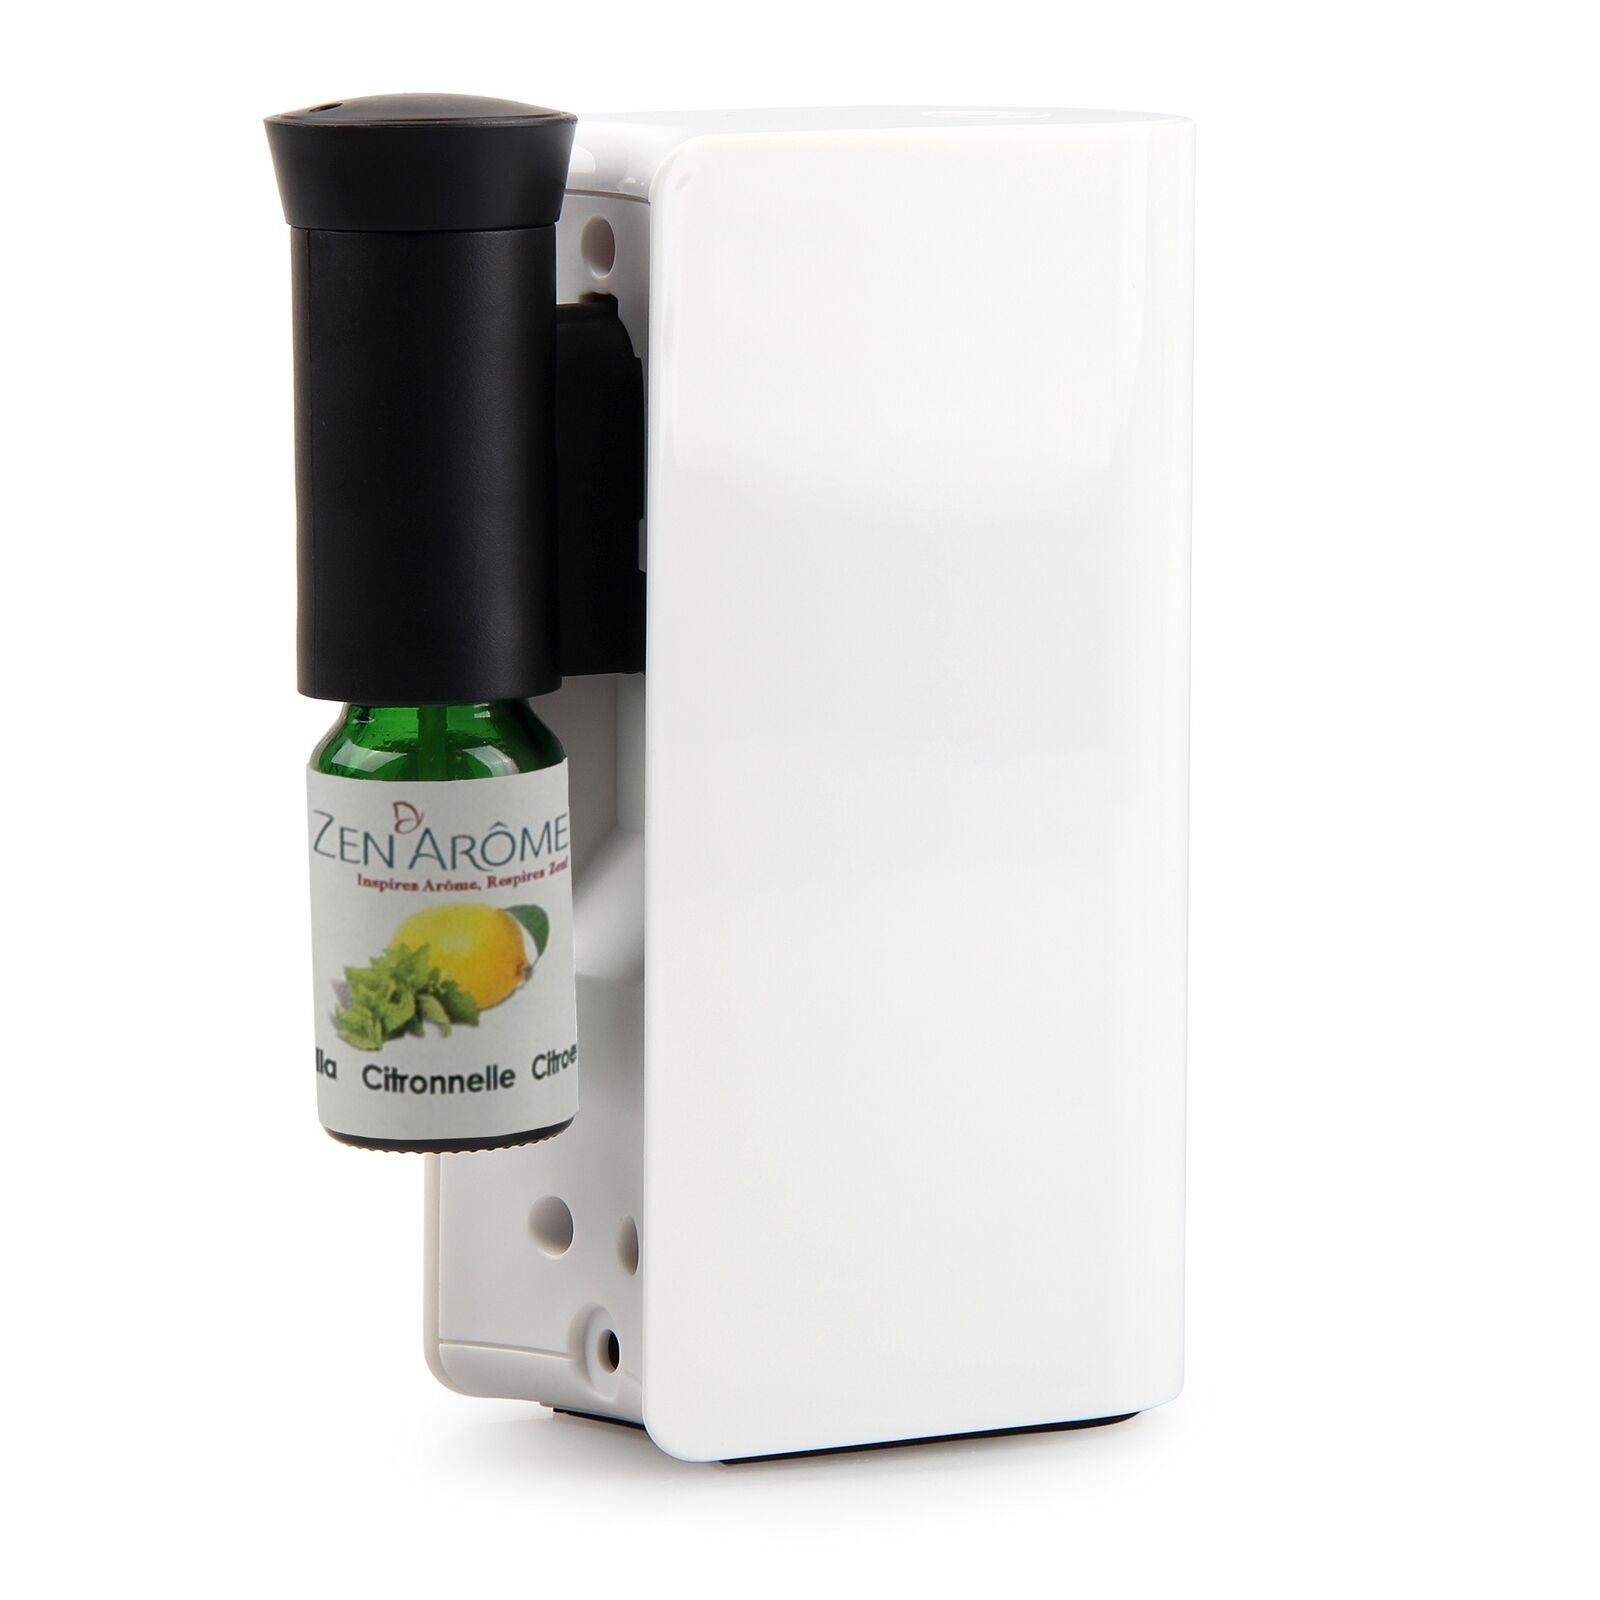 Zen'Arôme Diffuseur d'huiles essentielles par nébulisation Mobysens blanc